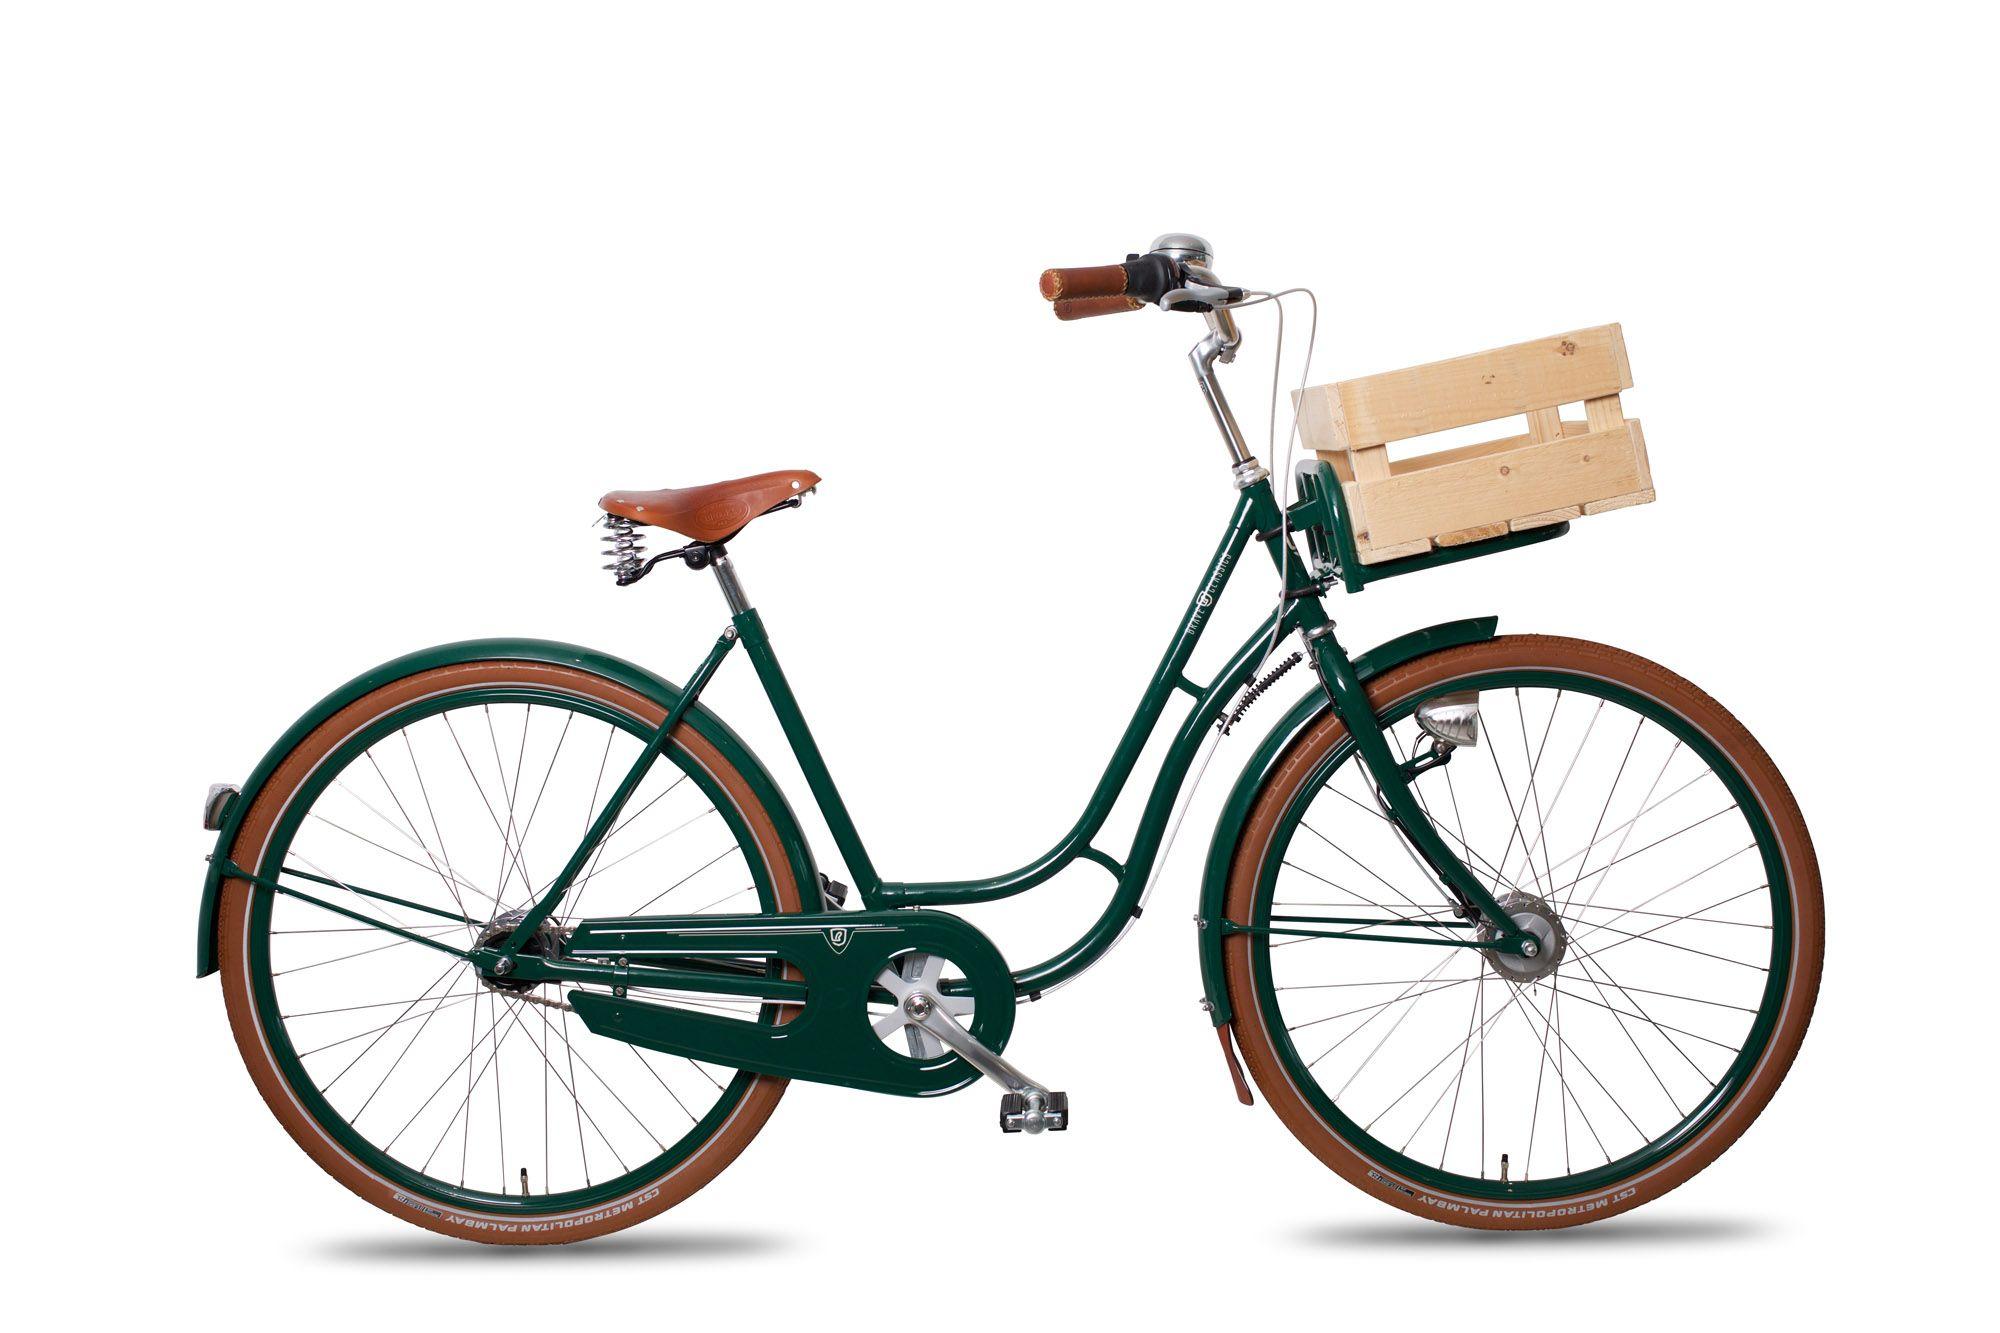 unser Brave Classics Berlin Damenfahrrad im klassischen grün/braun ...